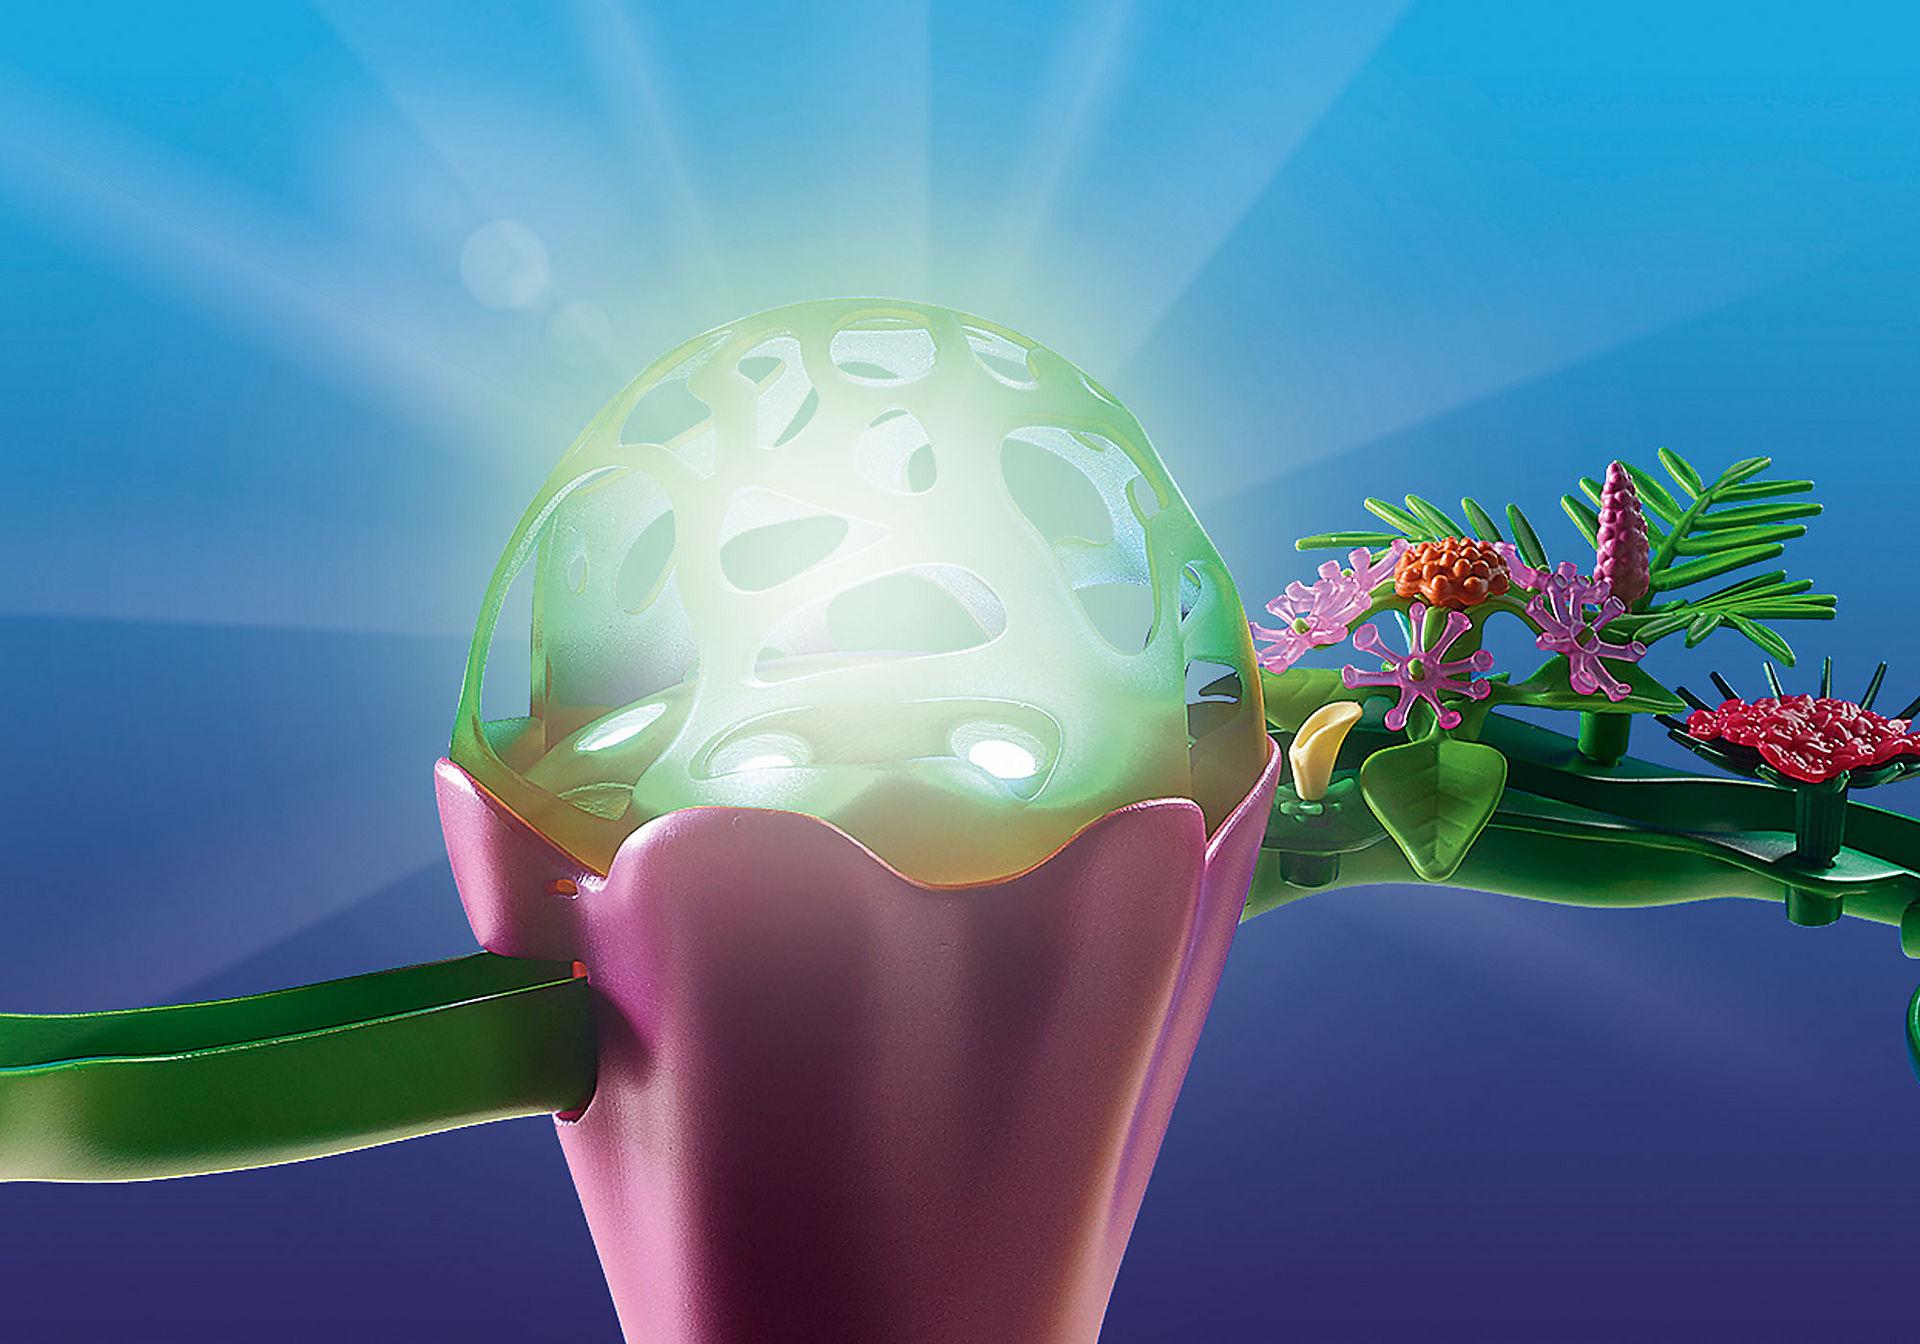 70094 Pavillon de corail avec dôme lumineux  zoom image6